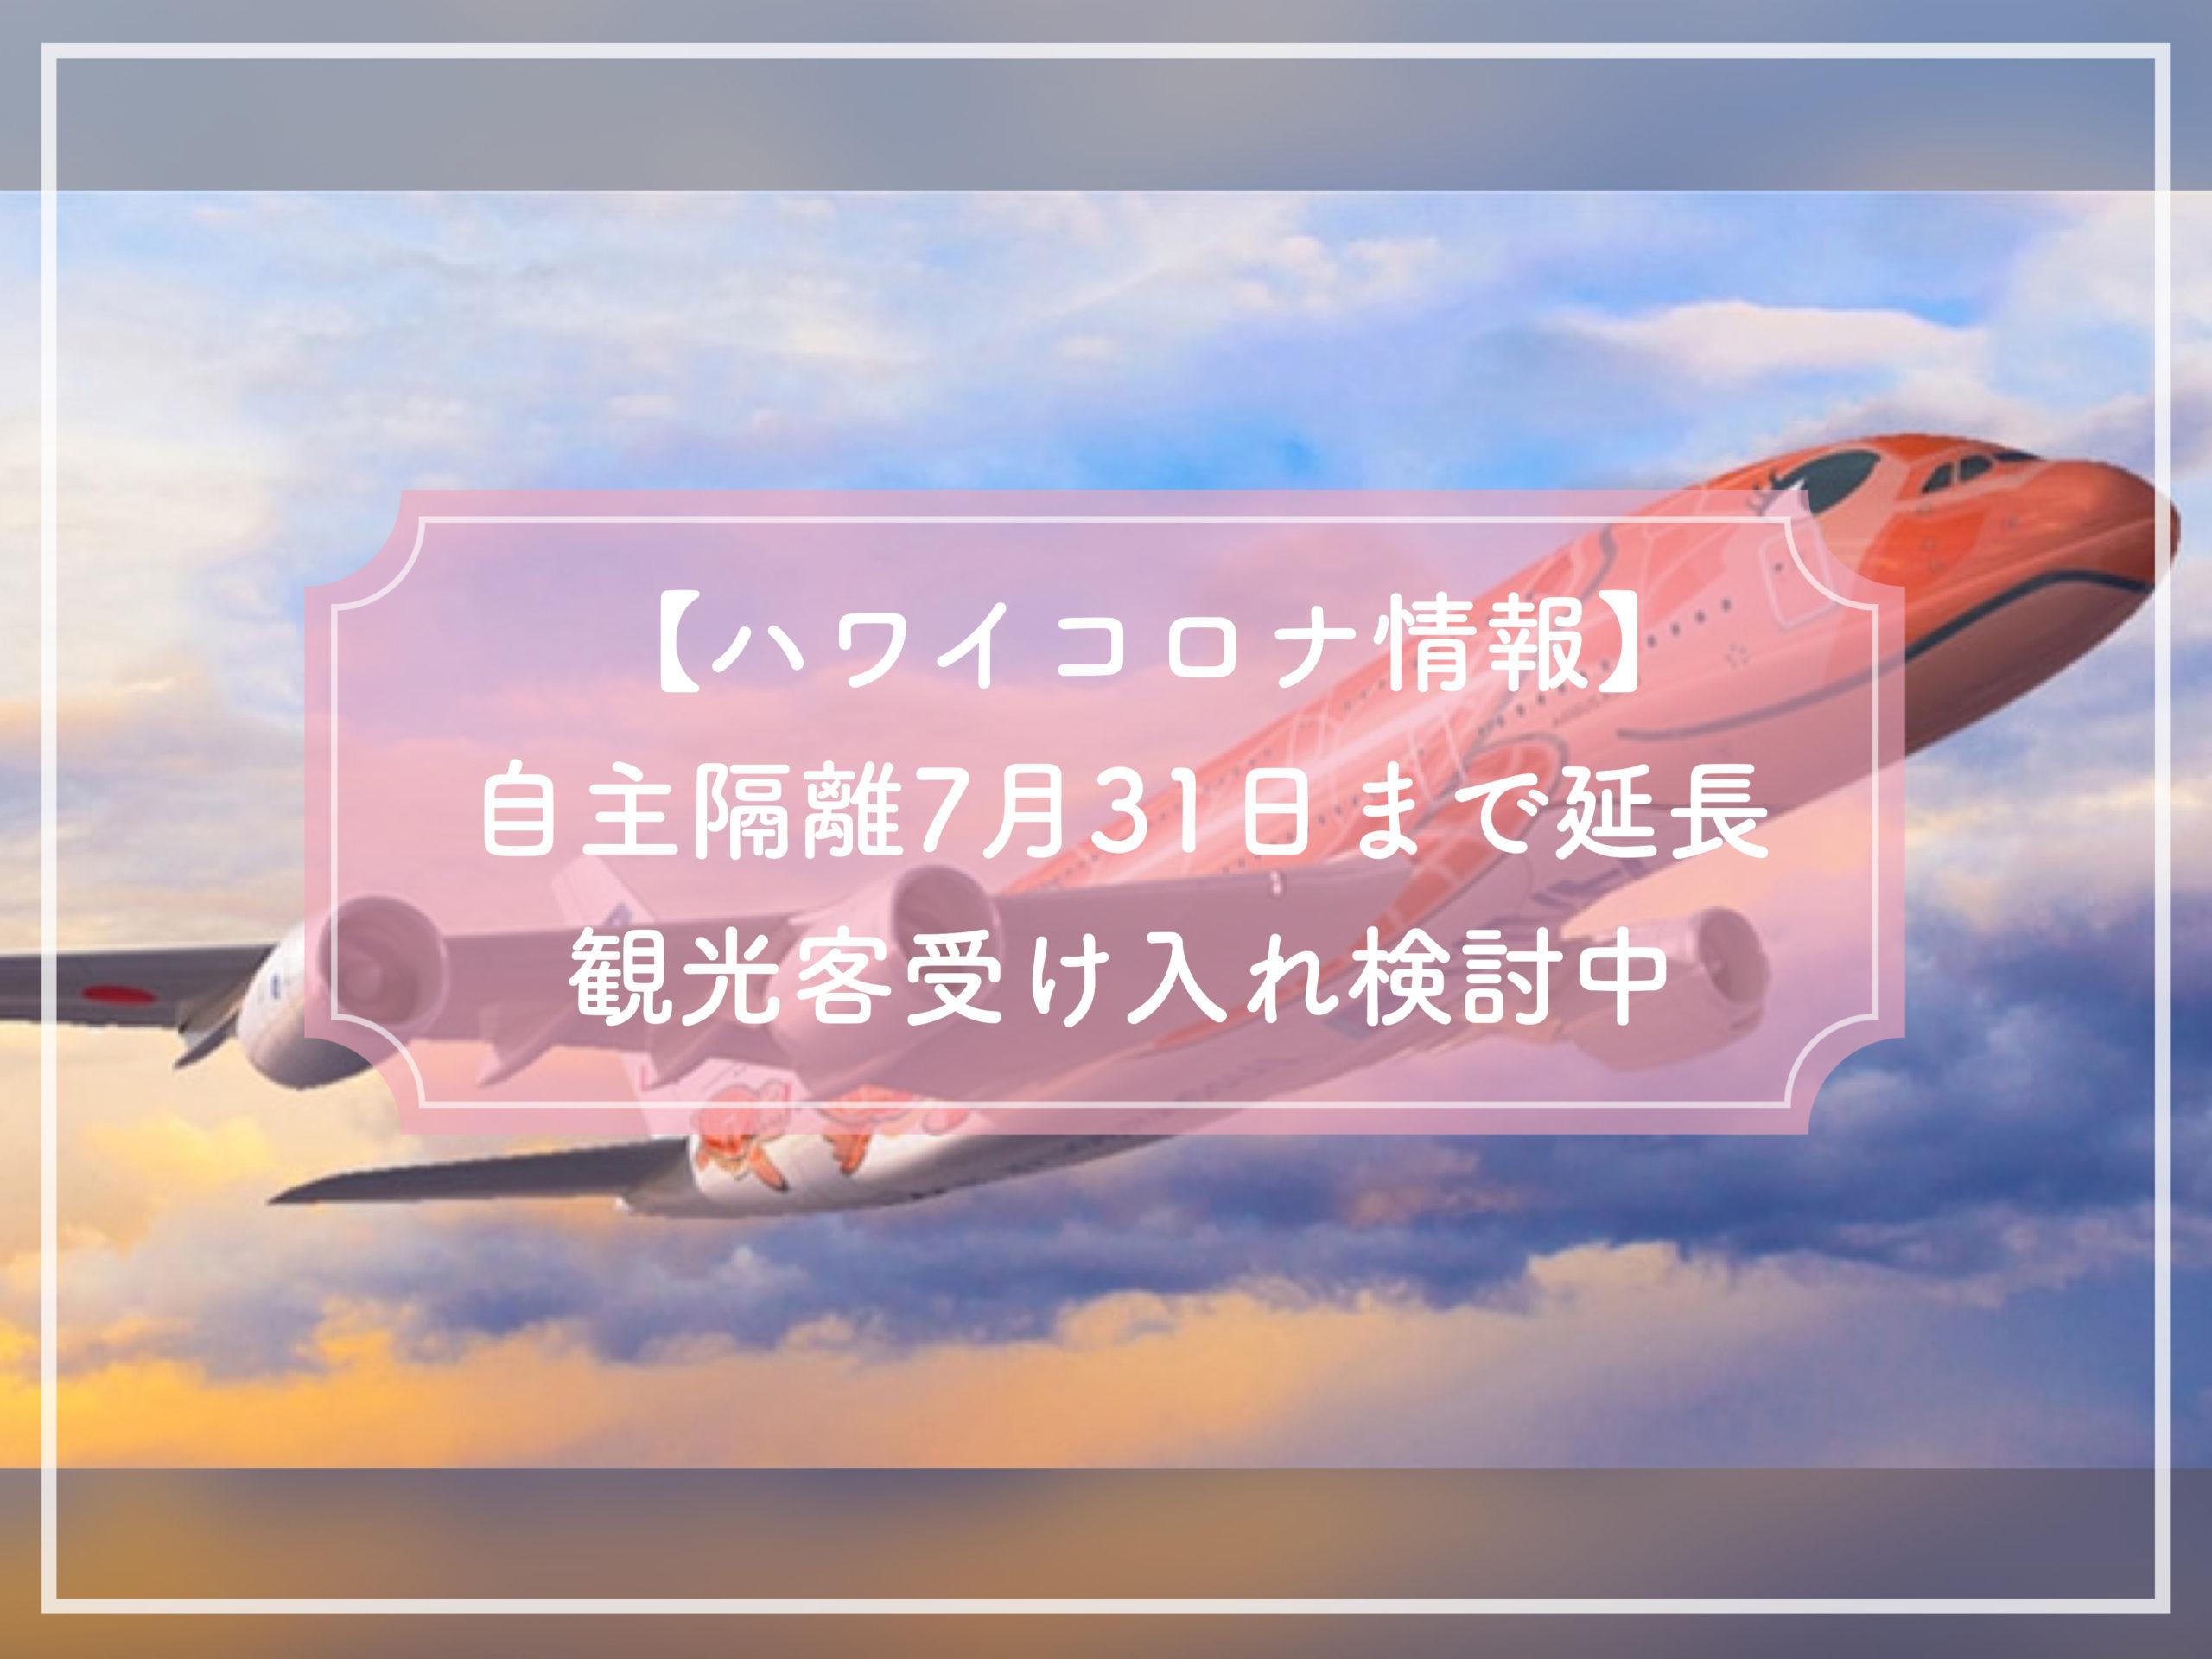 【ハワイコロナ情報】自主隔離7月31日まで延長 観光客受け入れ検討中